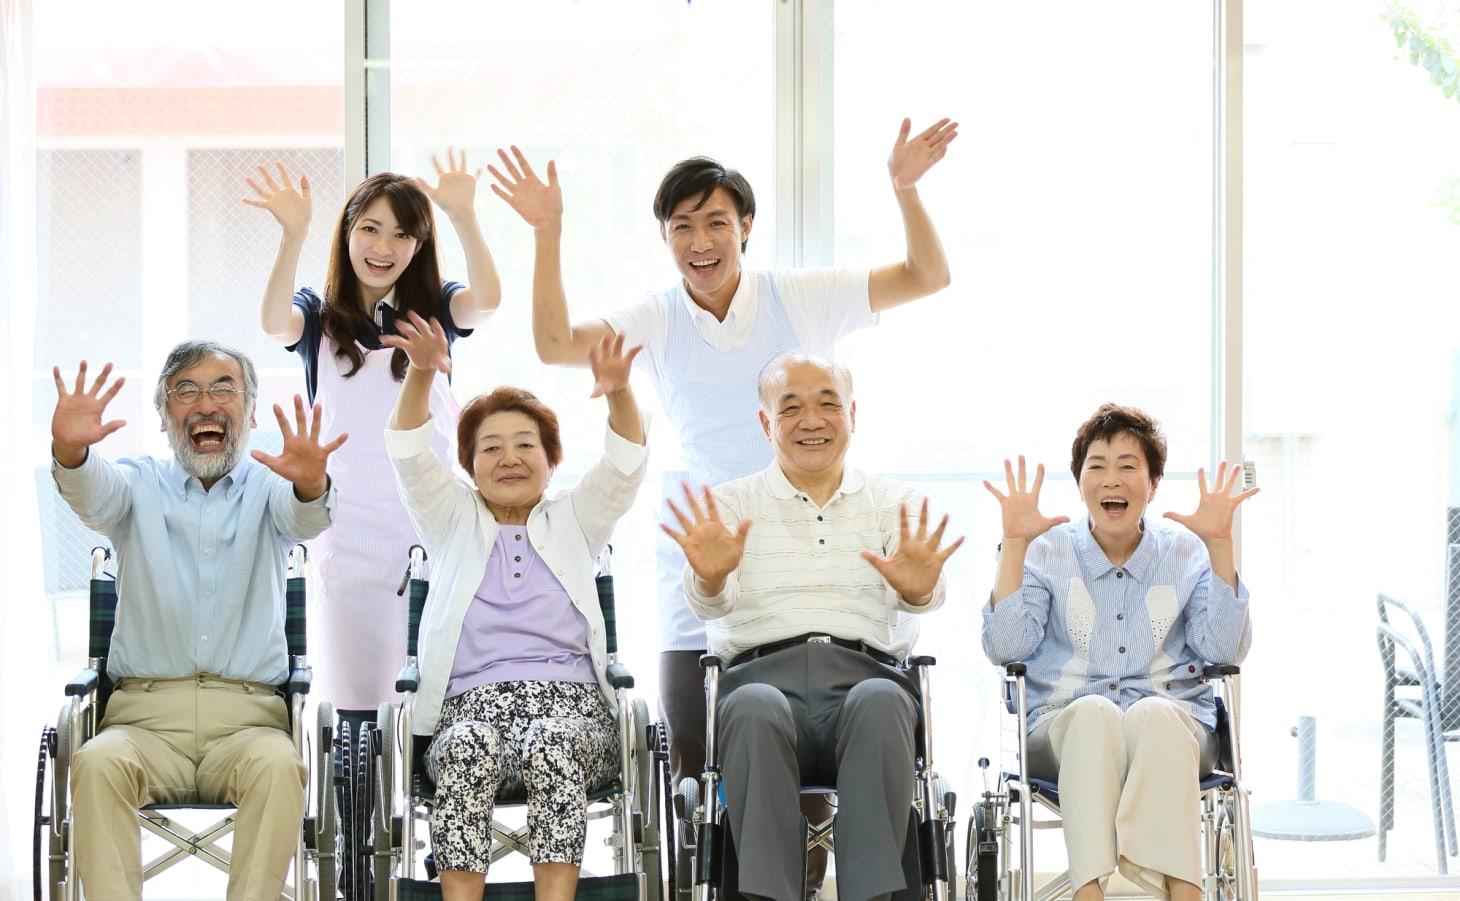 介護職員基礎研修修了者が介護福祉士の受験資格を満たすには?